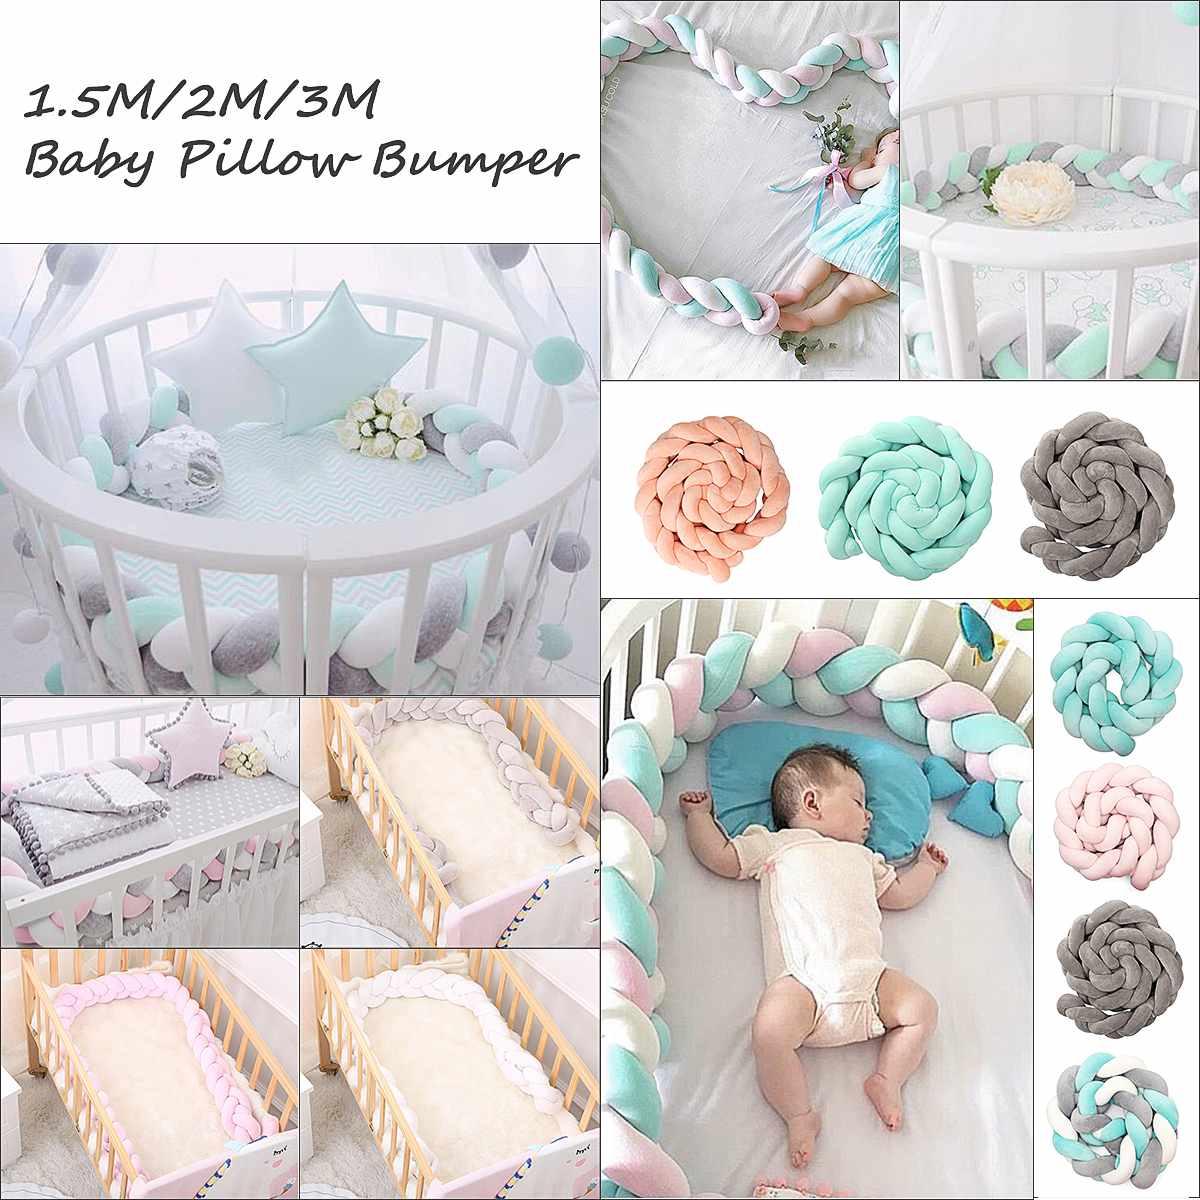 3 mètres nouveau-né infantile bébé pare-chocs lit coussin doux tressé Long noeud boule oreiller berceau protecteur bébé chambre lit pare-chocs de sécurité